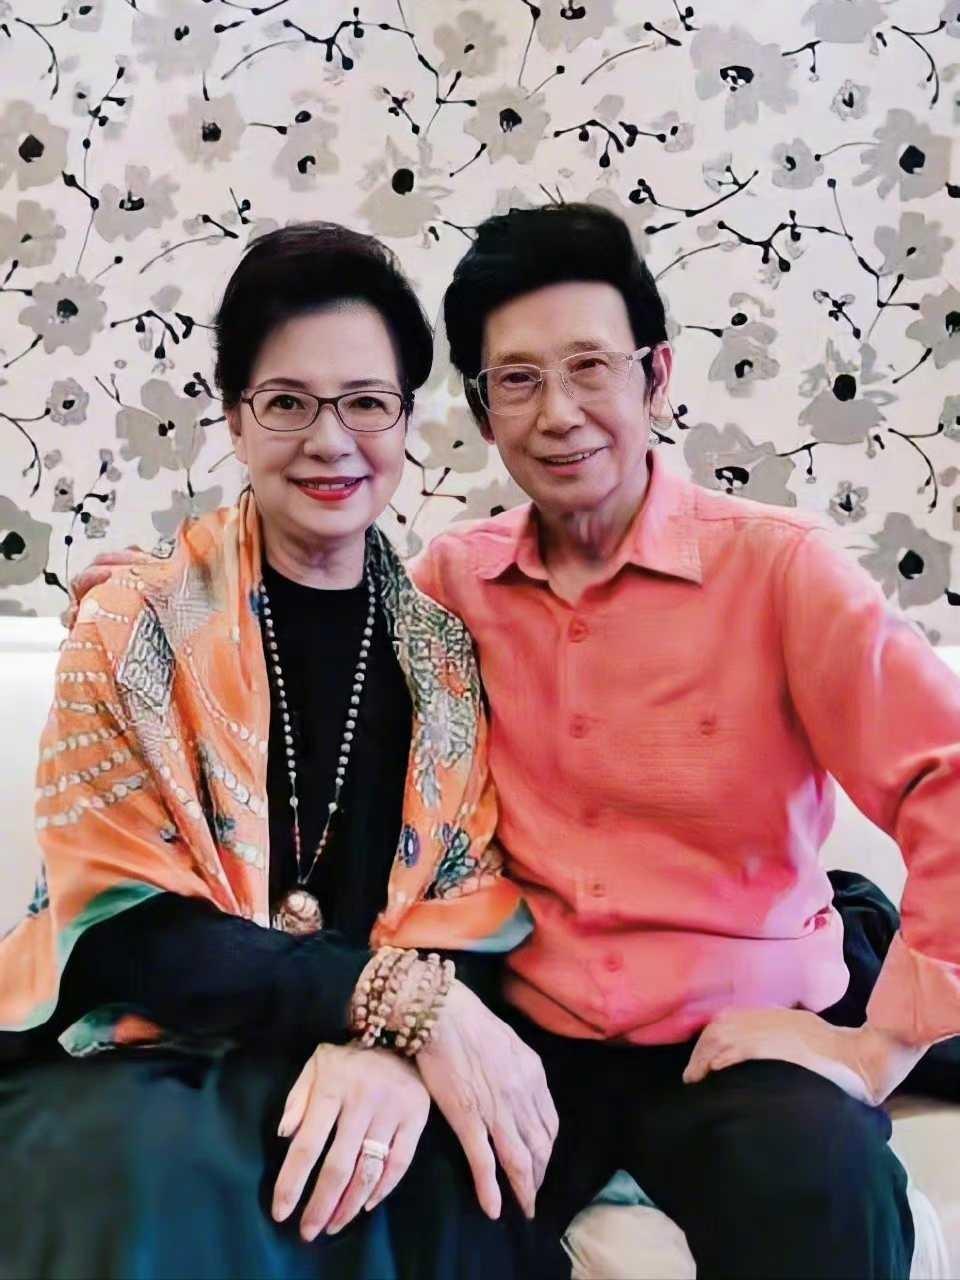 陈数陪父母过重阳节,78岁母亲皮肤紧致,手上5串珠子显贵妇气质